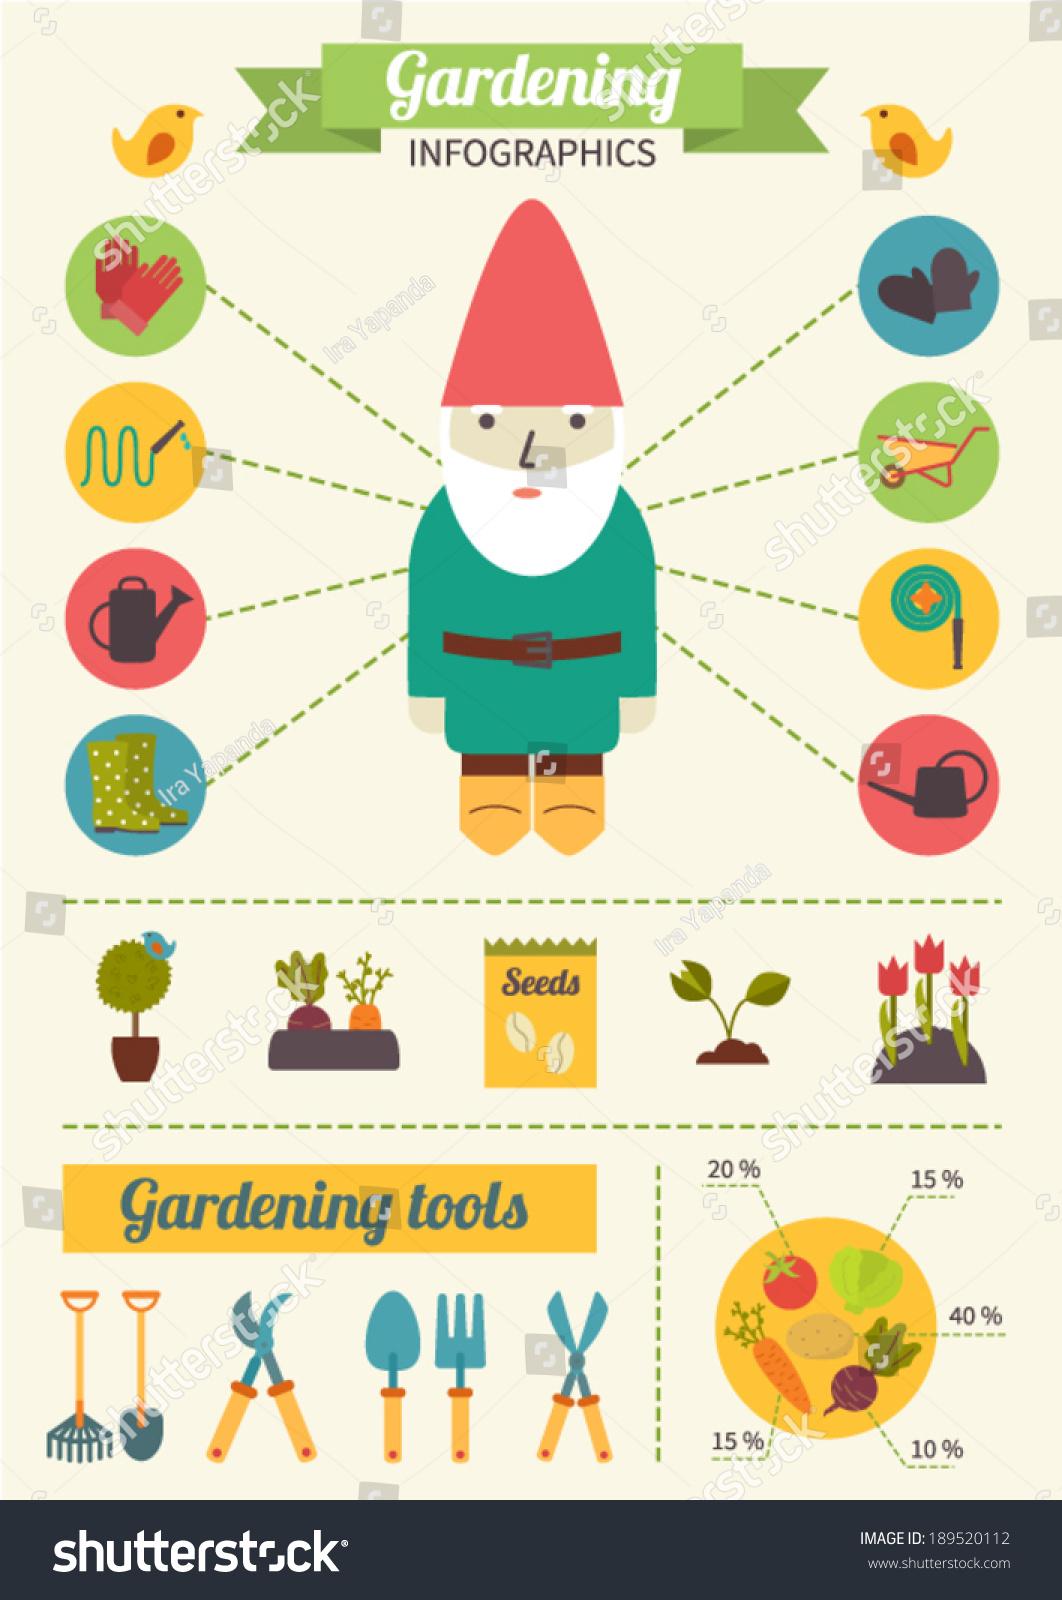 Gardening Infographics Vegetable Garden Garden Tools